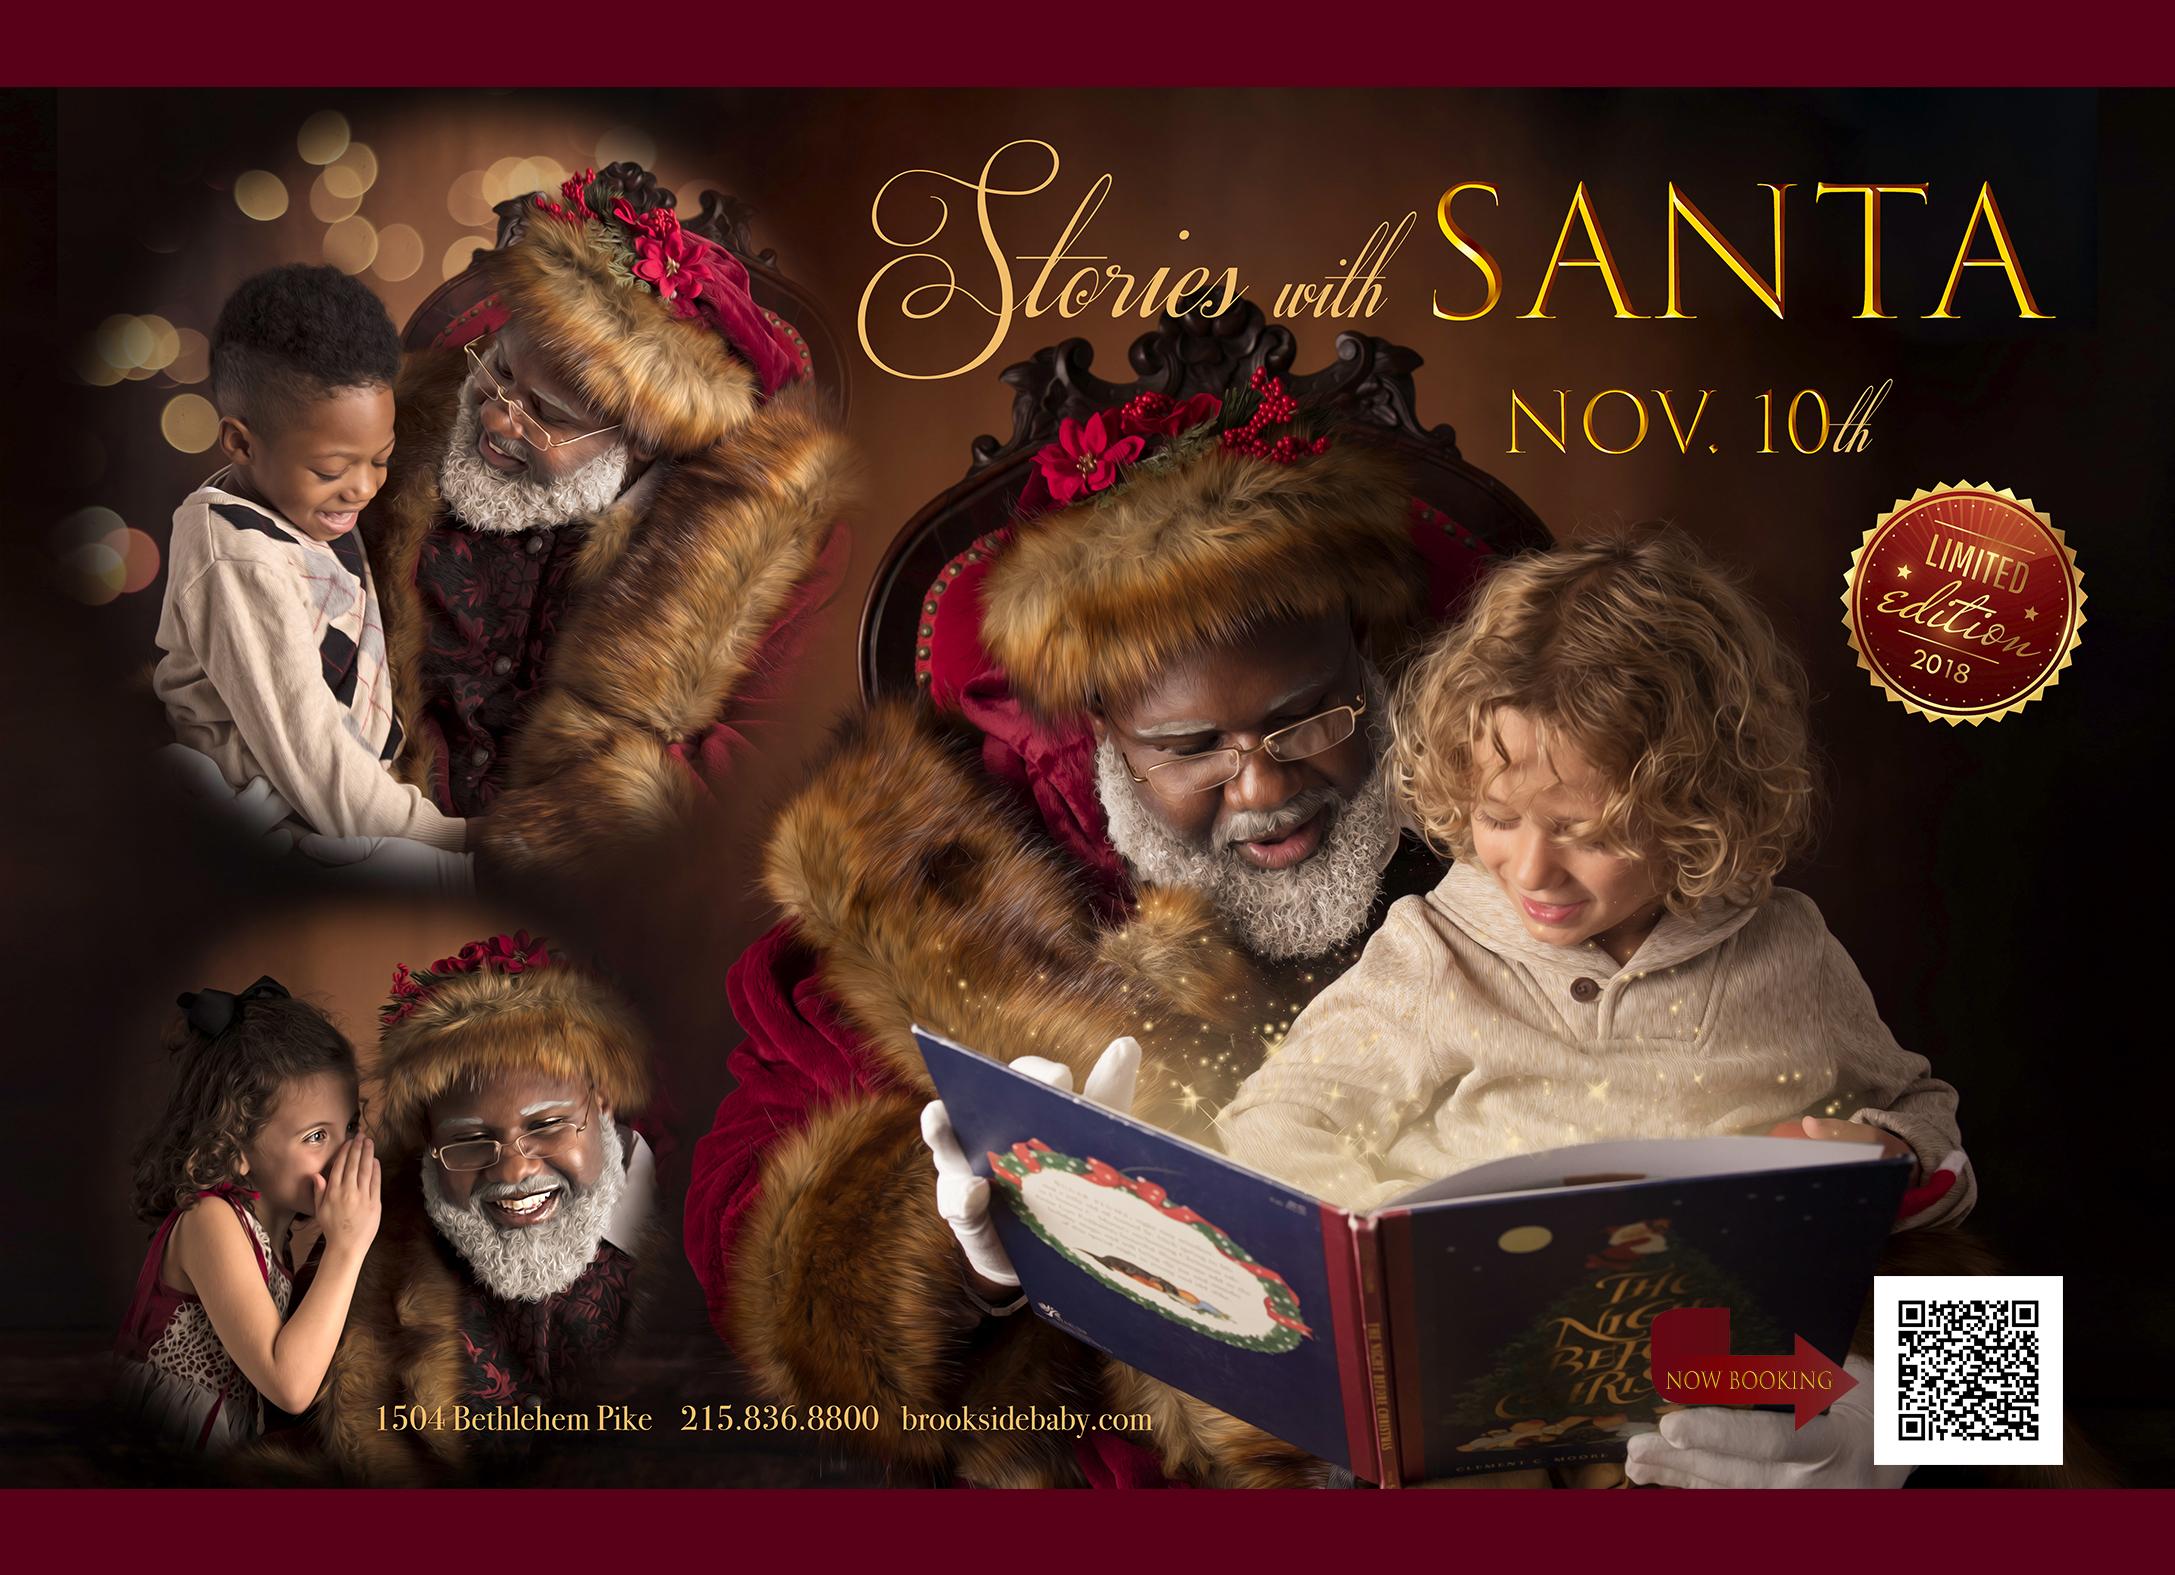 Santa Promo 5x7 Front Qr Code